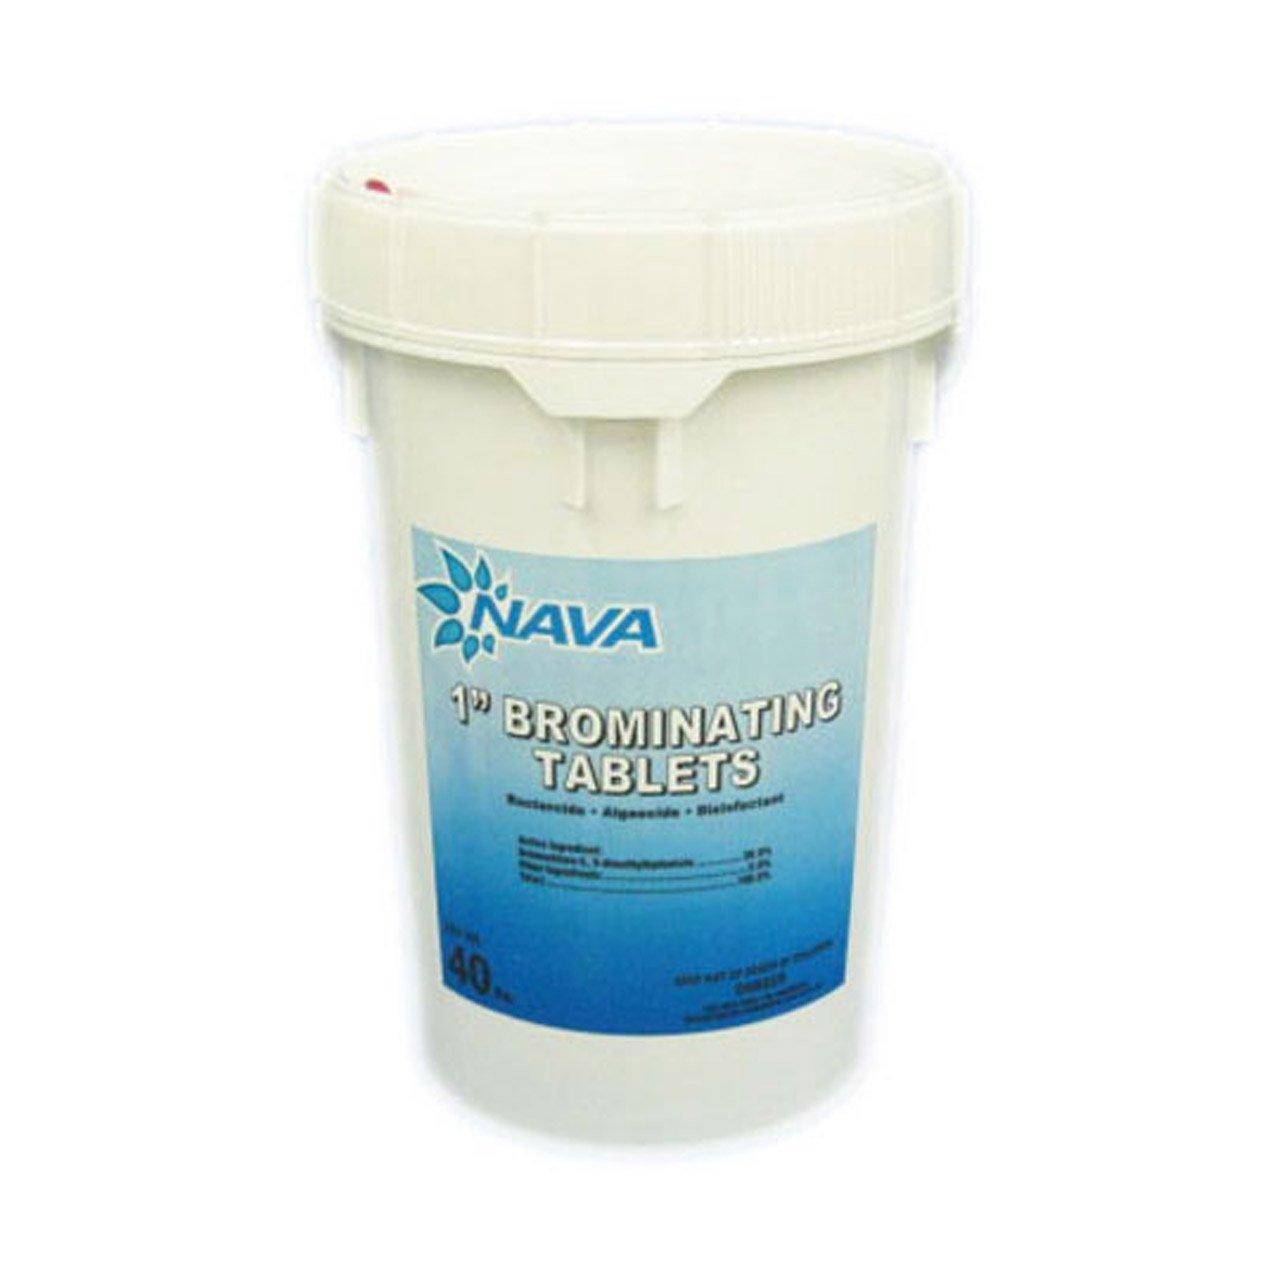 Nava 1'' Brominating Tablets - 40 lb. Bucket by NAVA